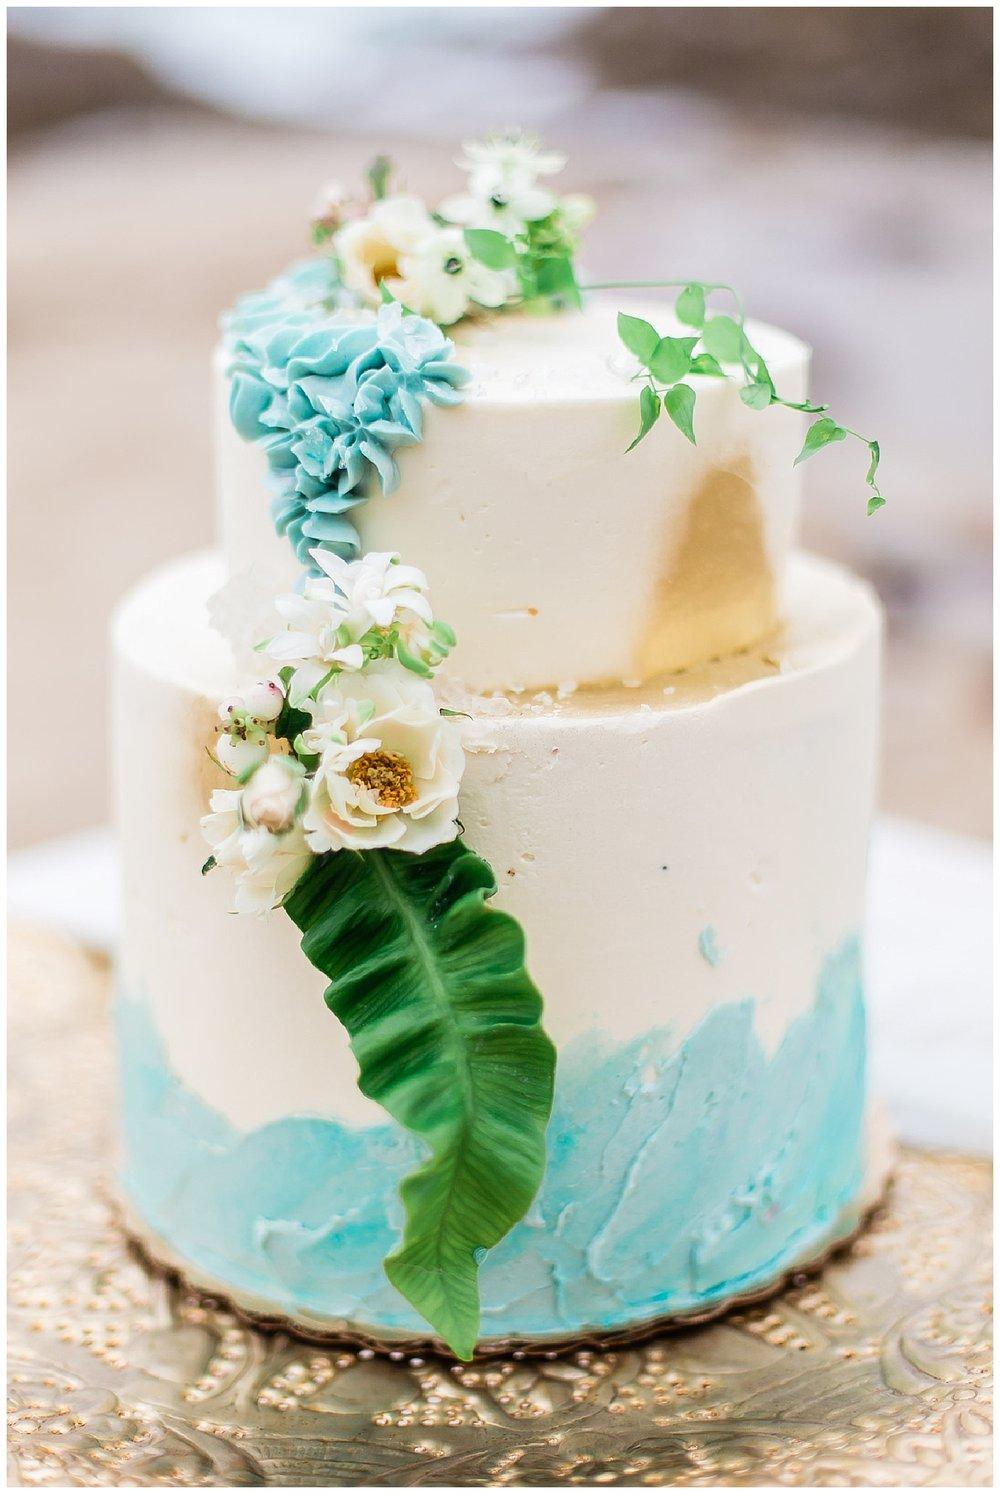 ocean-inspired-wedding-cake.jpg